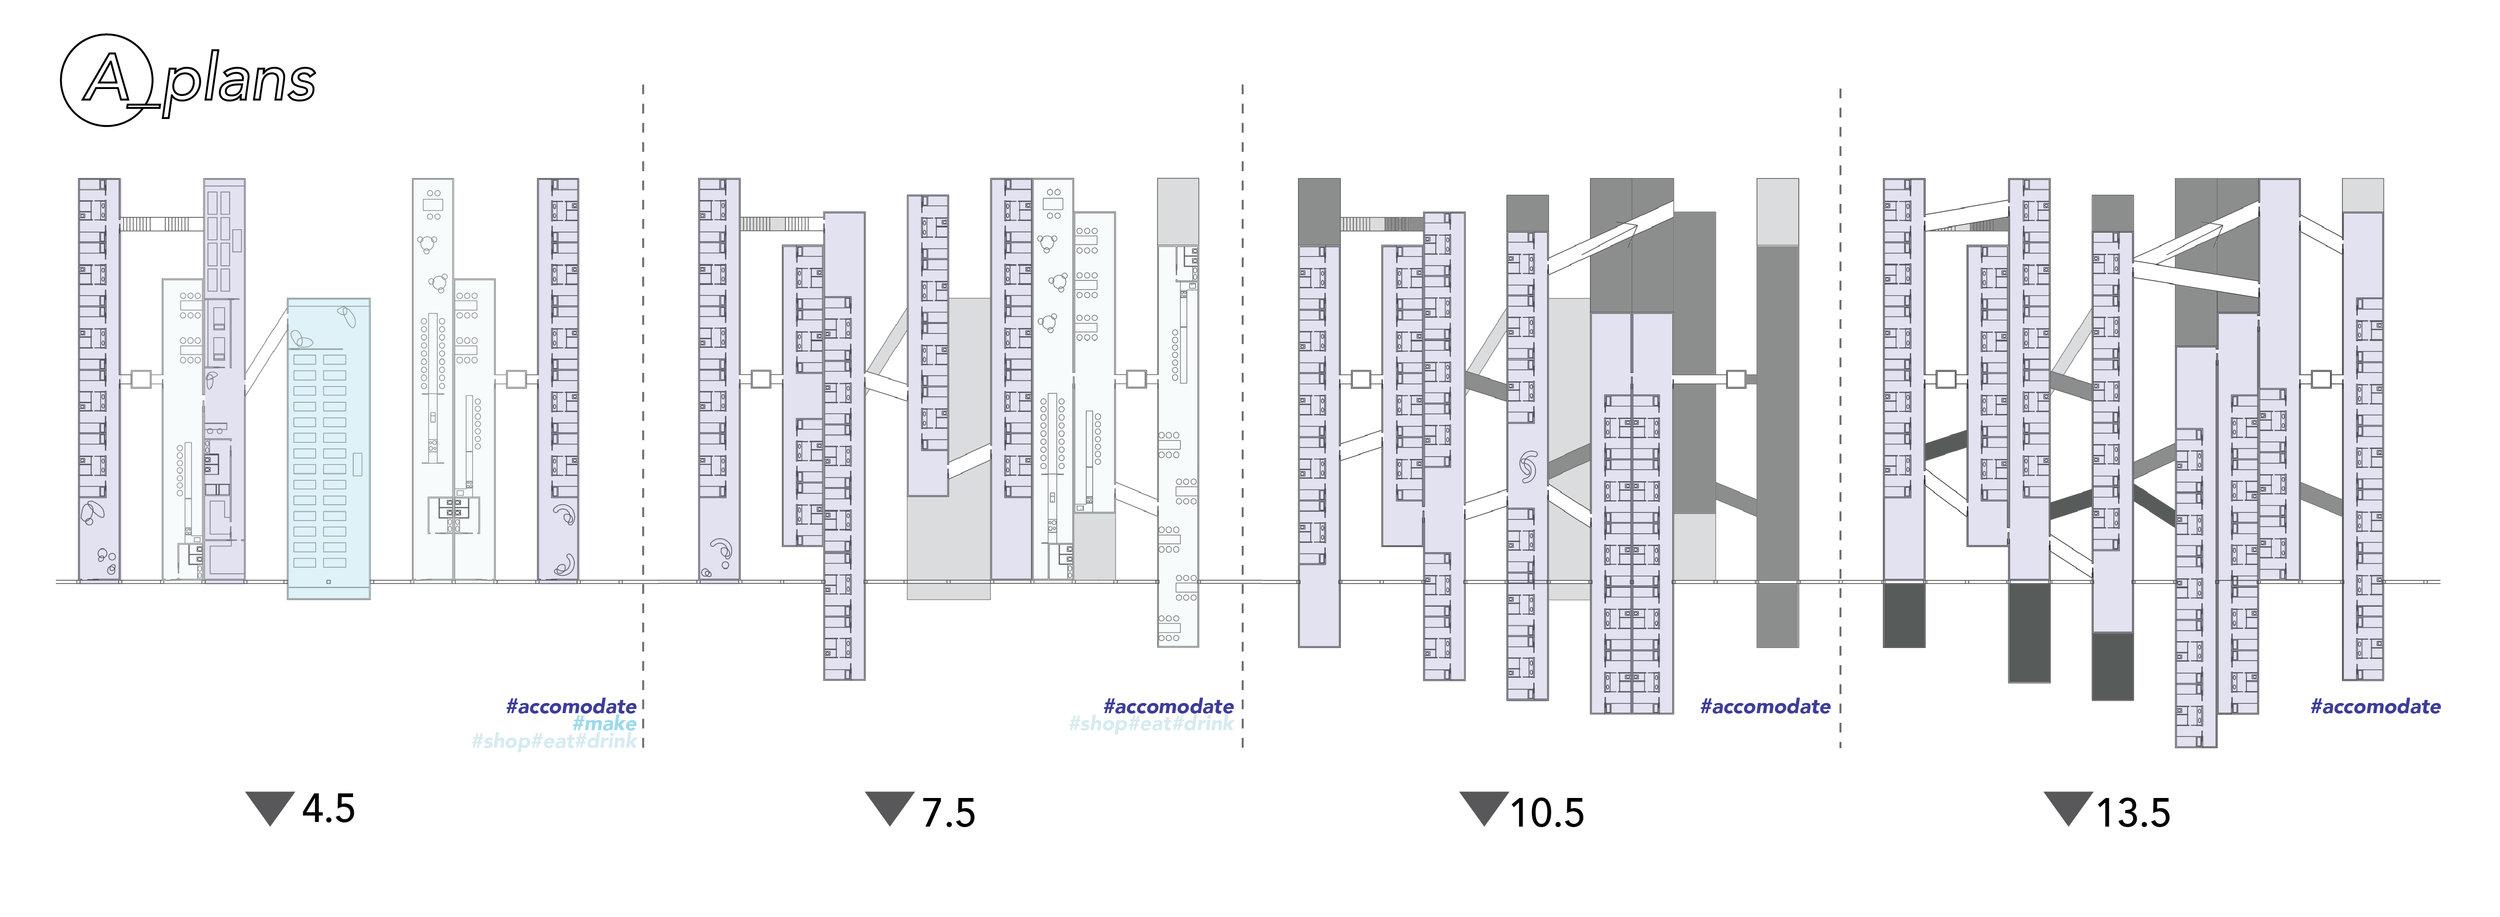 compart-diagram-07.jpg